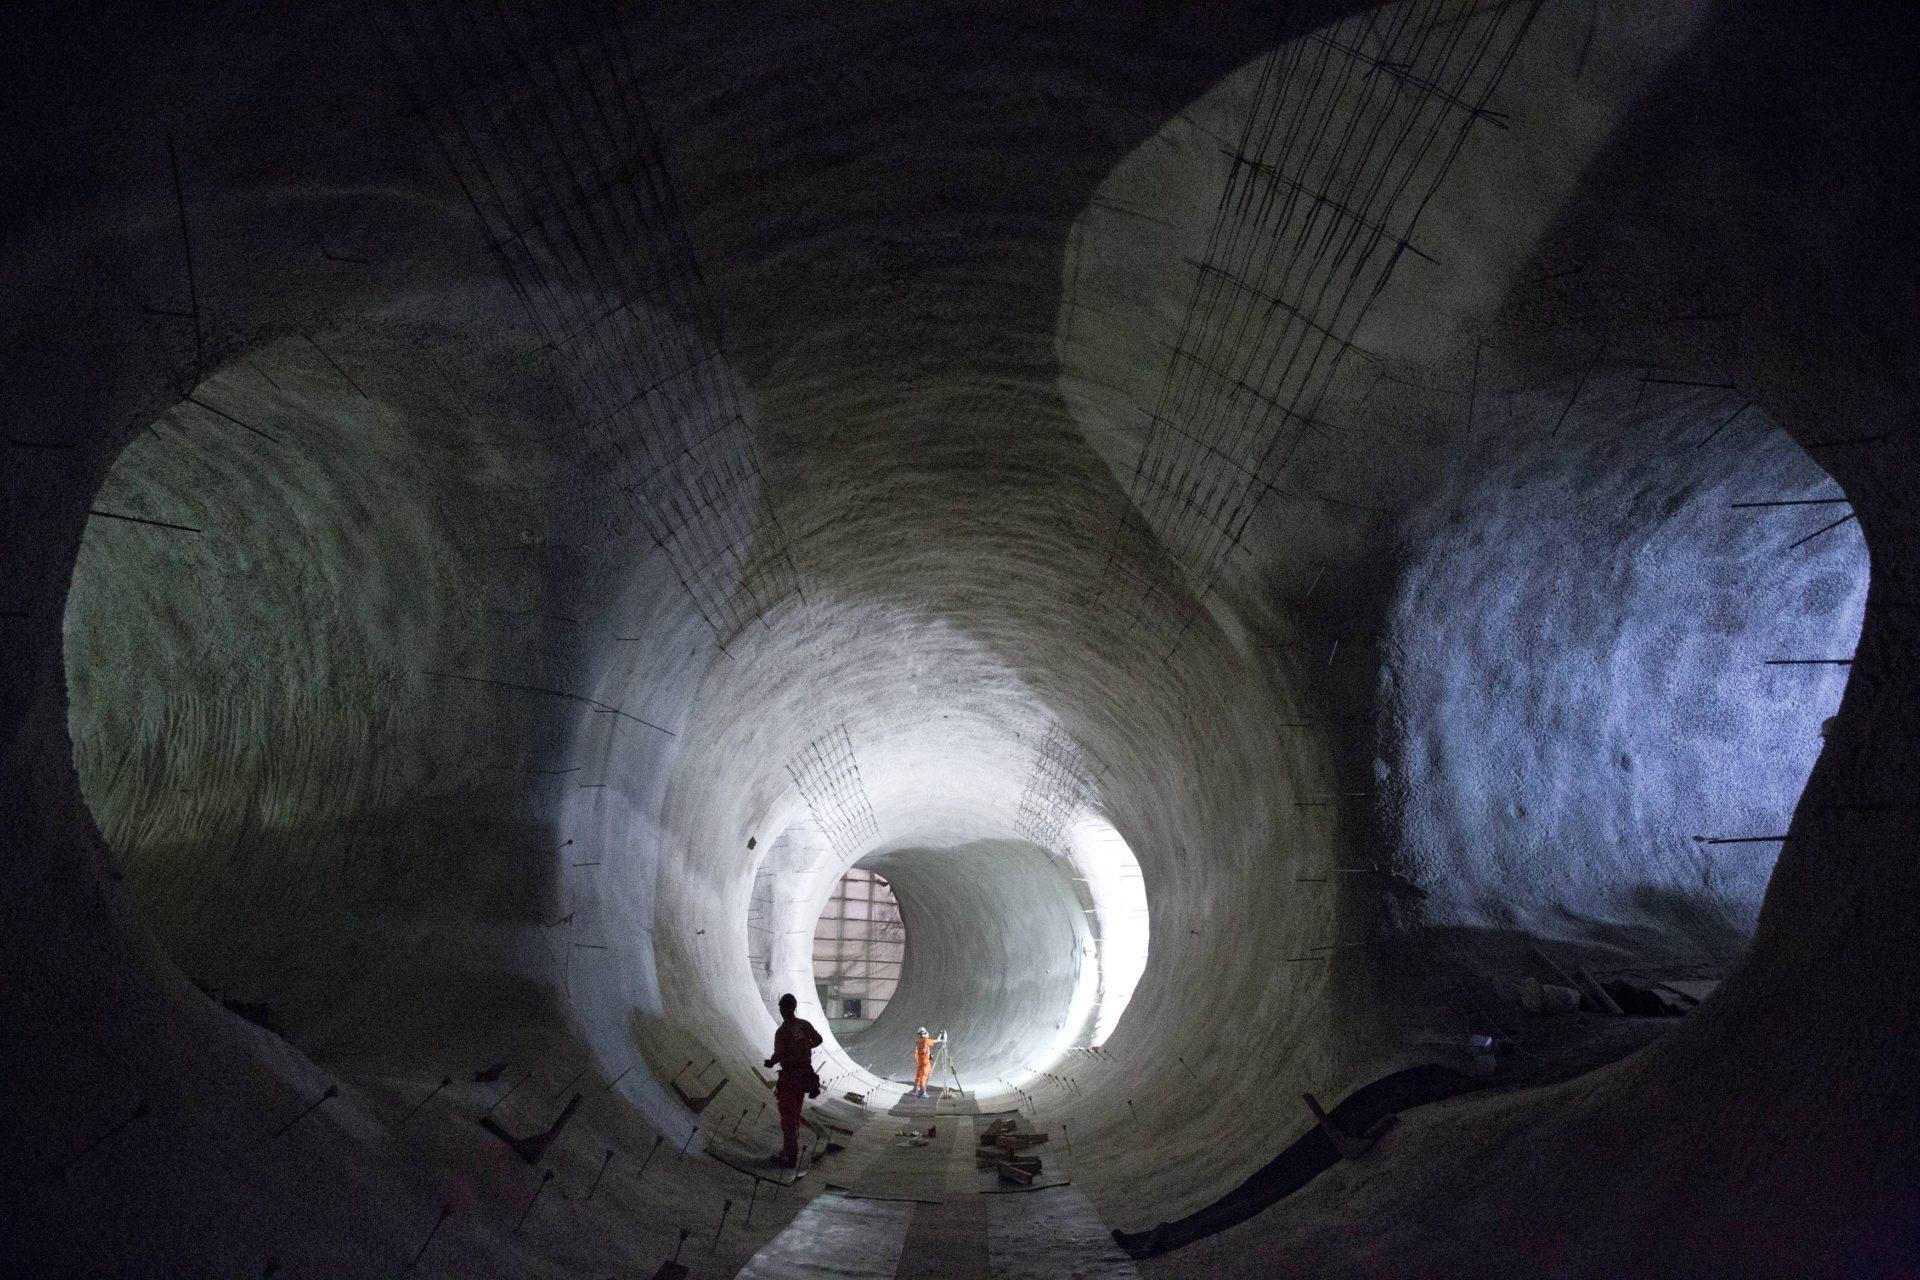 Podzemne građevine tunel